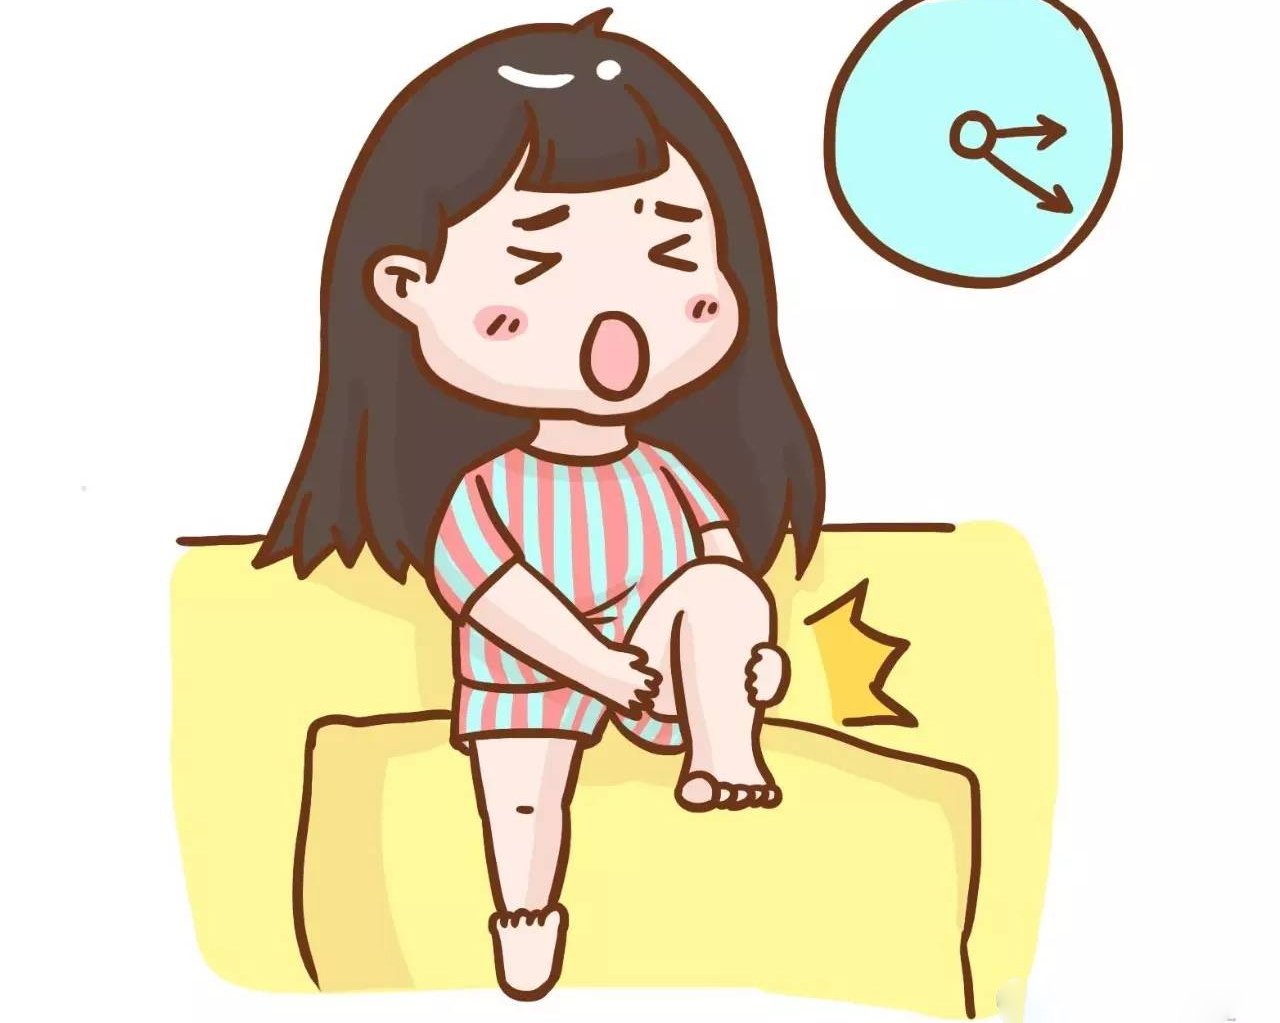 睡觉腿抽筋,难道只是缺钙?